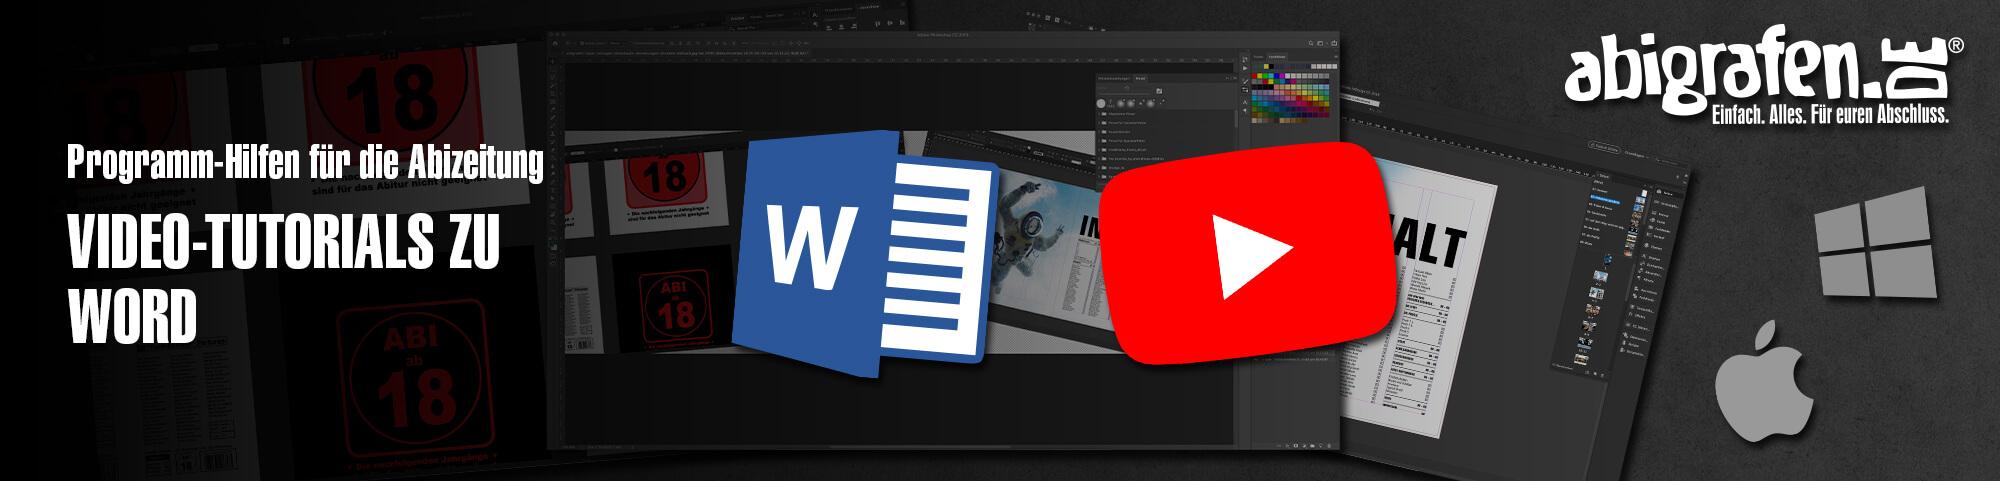 Programm-Hilfen für die Abizeitung: Video-Tutorials zu Word um selber eine Abschlusszeitung zu erstellen auf abigrafen.de®